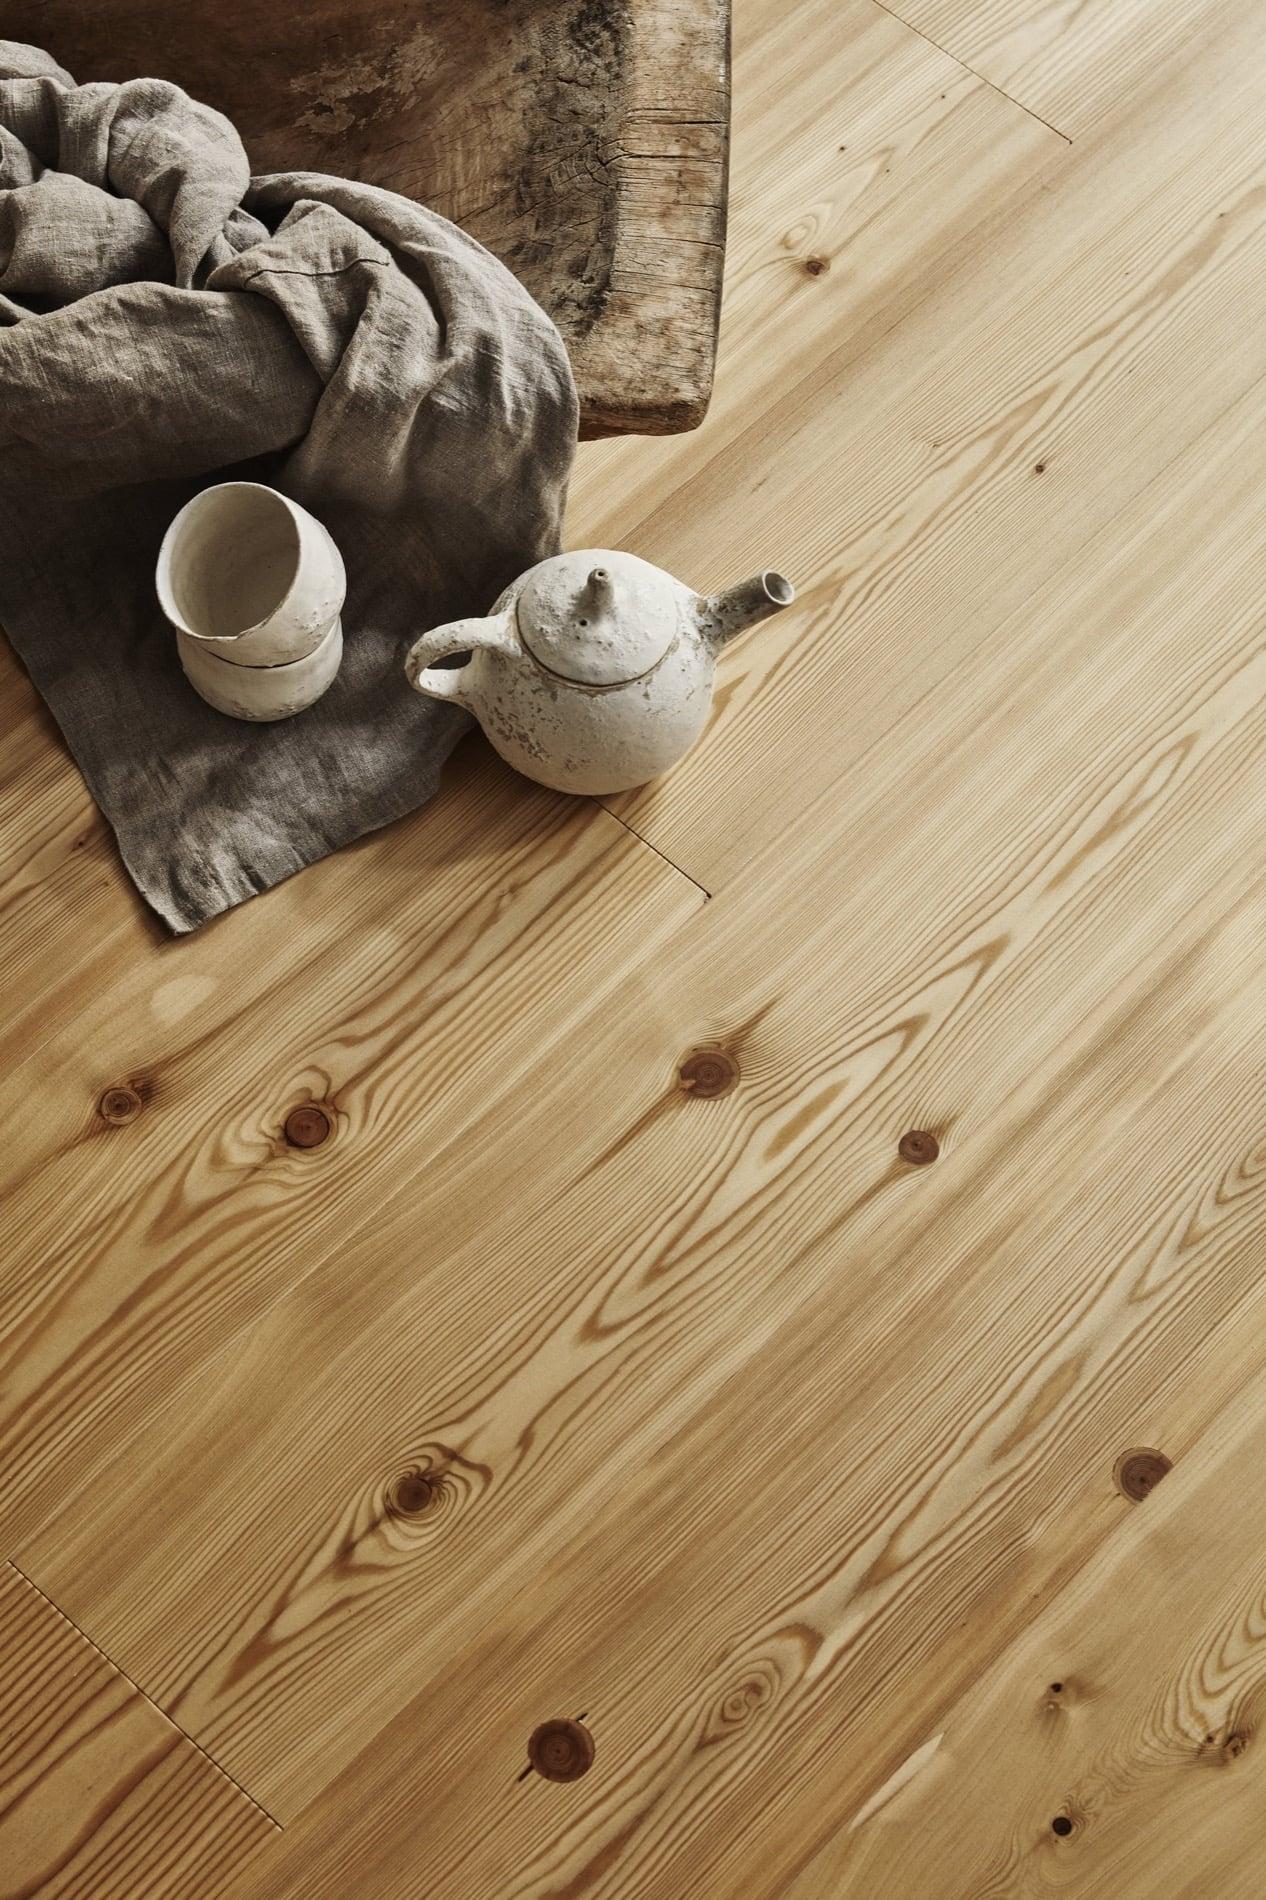 Timberwise-lankkuparketti-wooden floor-parketti-parquet-lehtikuusi-larch-sävyttämätön